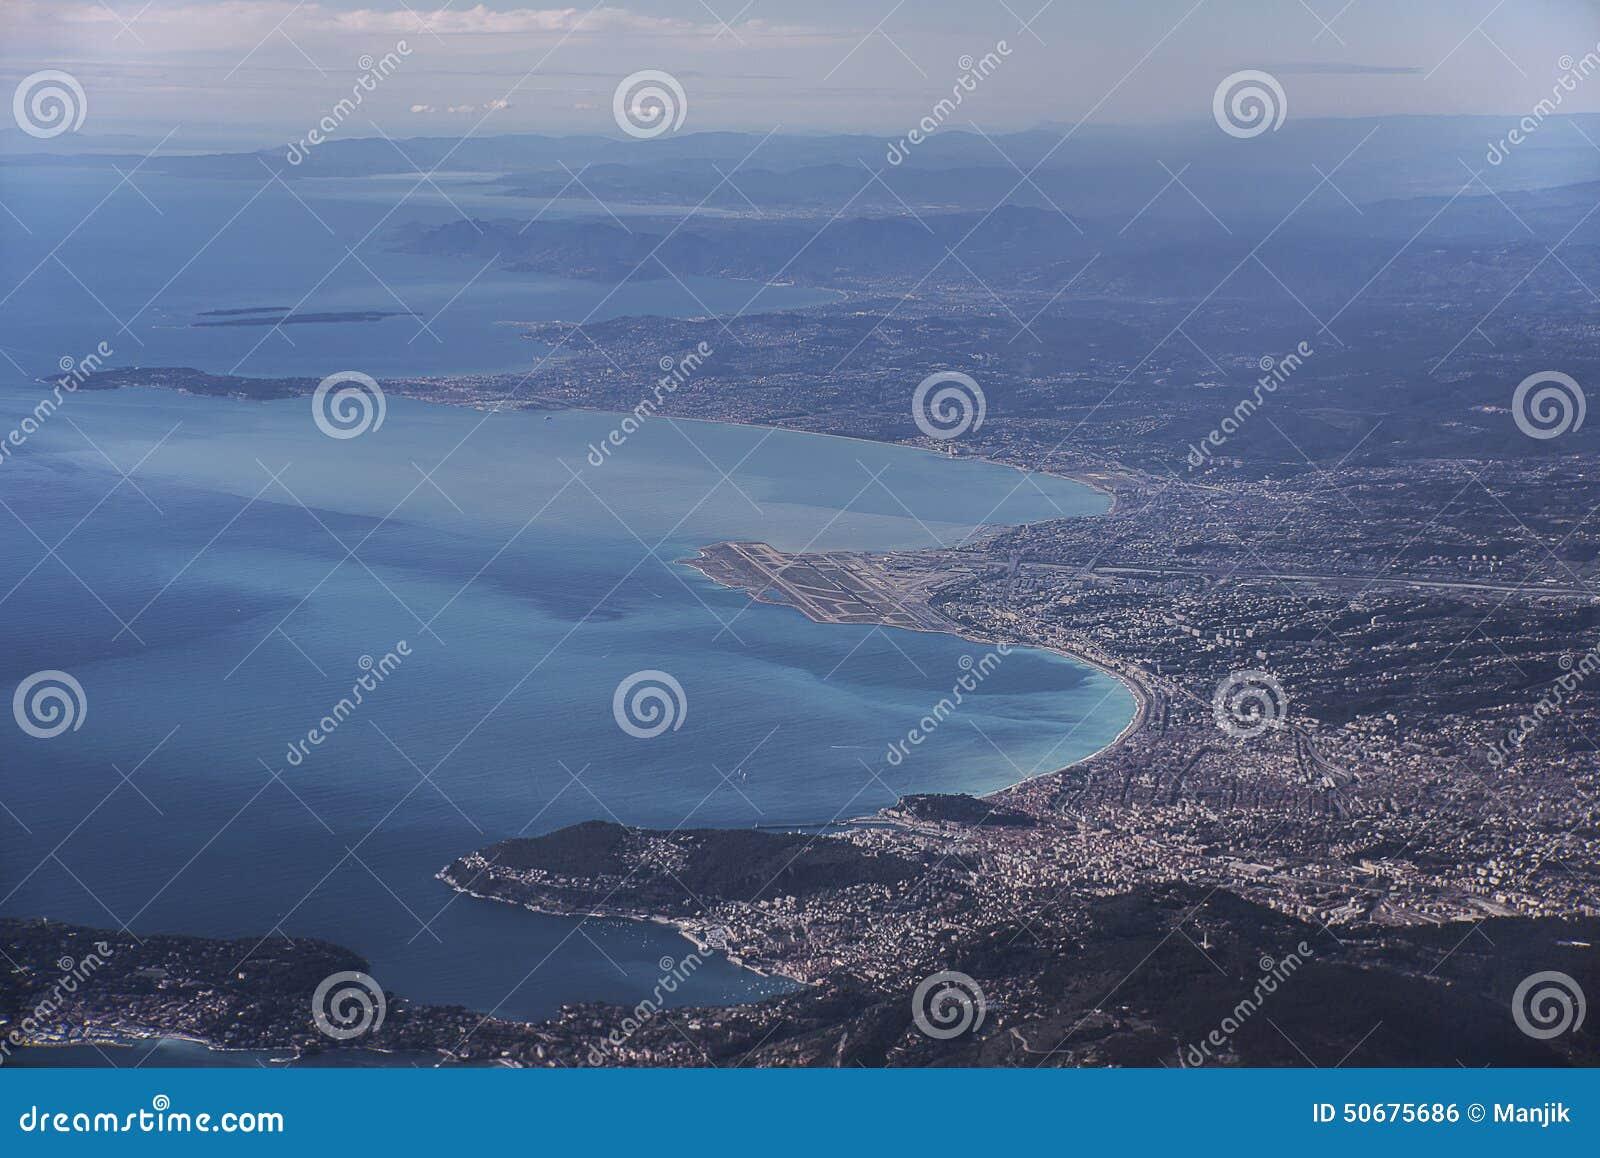 Download 在尼斯法国的鸟瞰图 库存照片. 图片 包括有 全景, 法国, 天蓝色的, 旅游业, 里维埃拉, 横向, 豪华 - 50675686